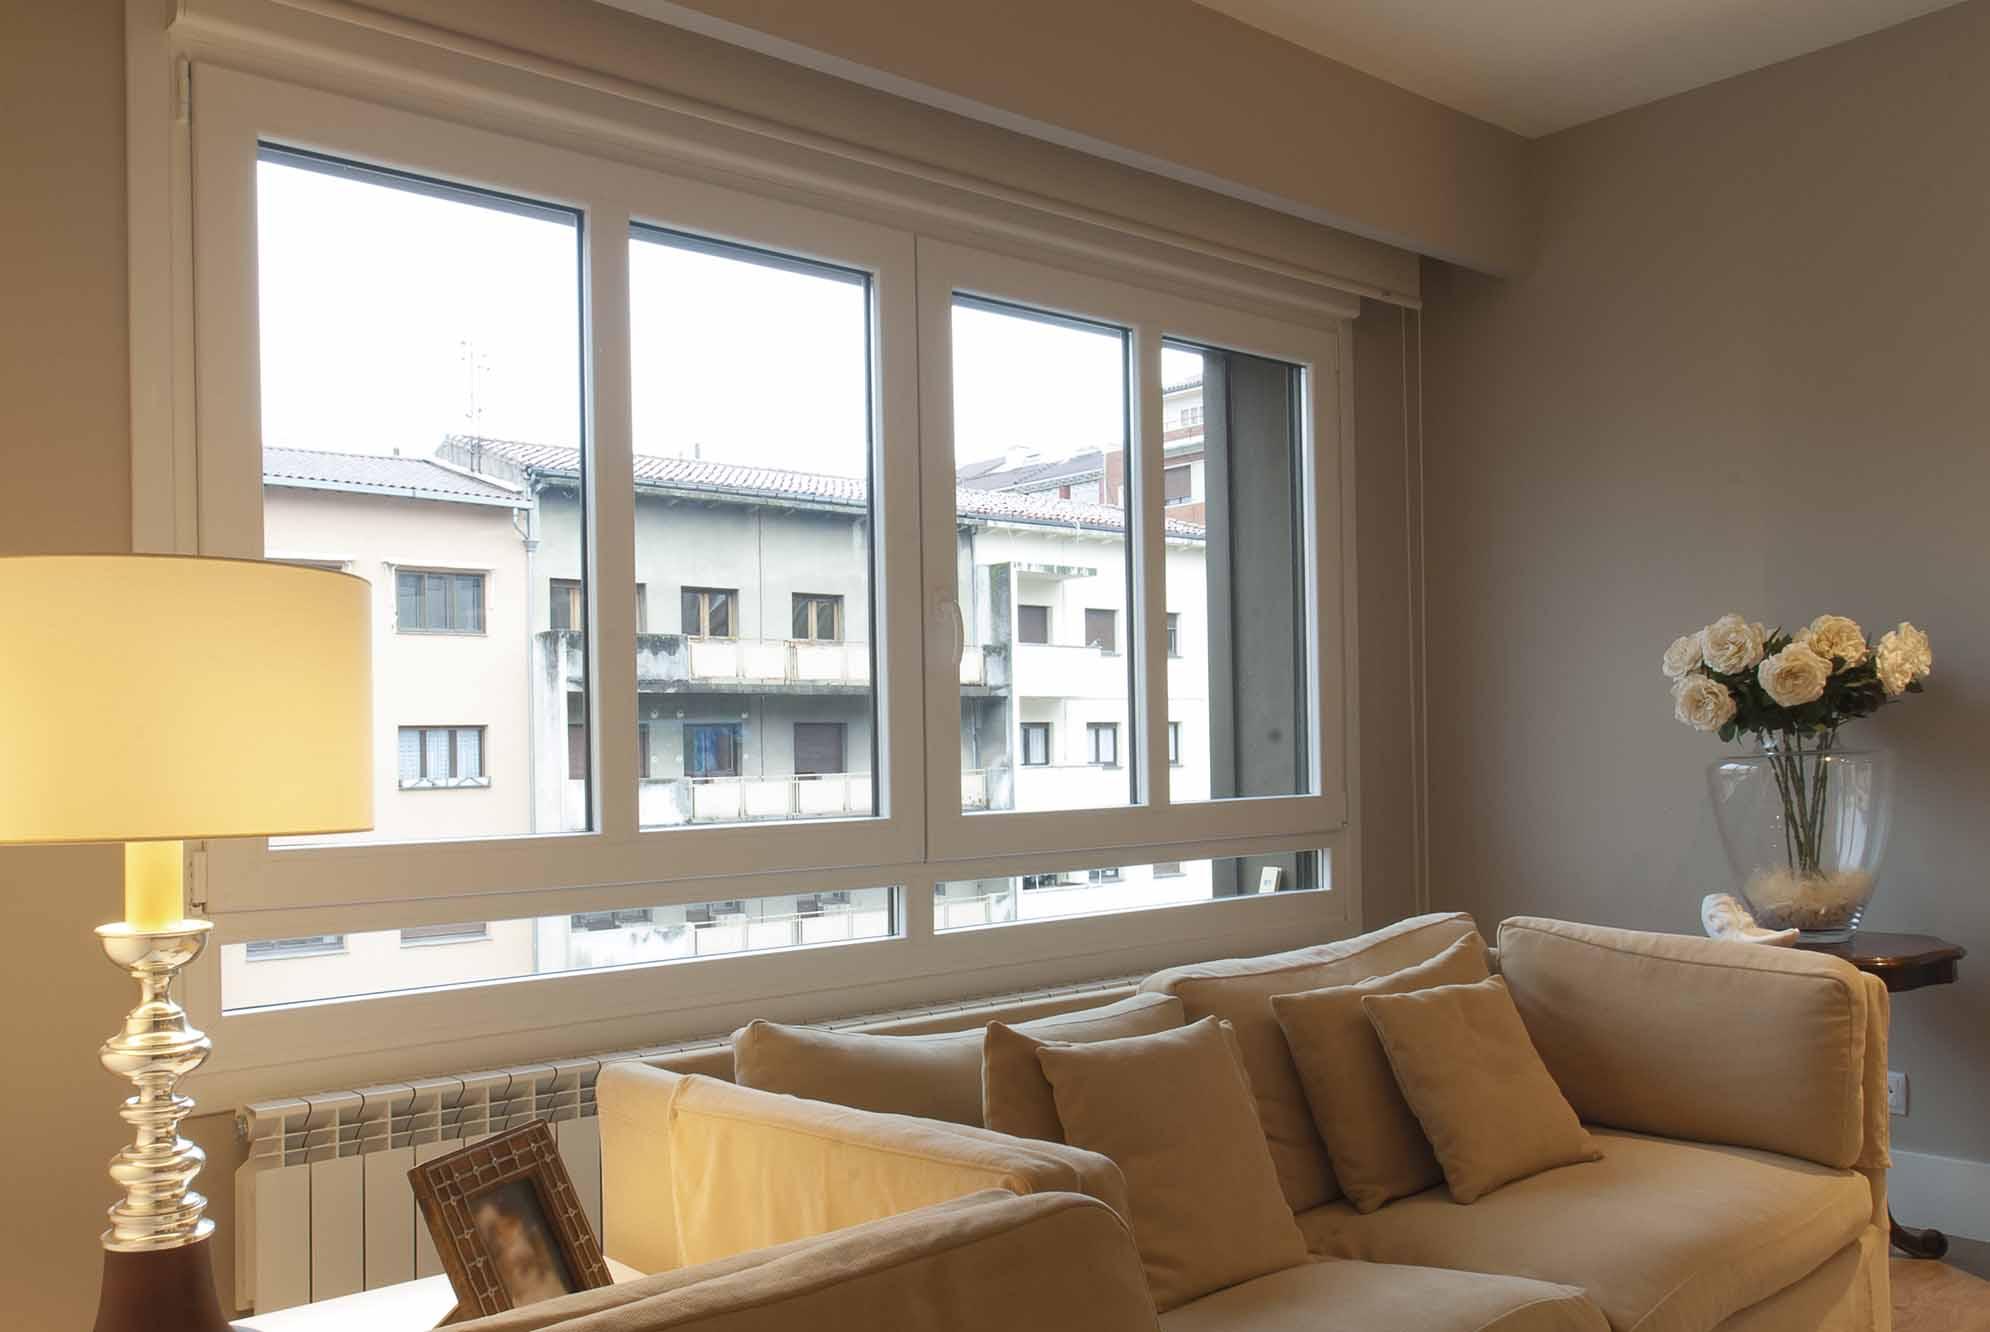 ventanas-pvc-deceuninck-pamplona-4